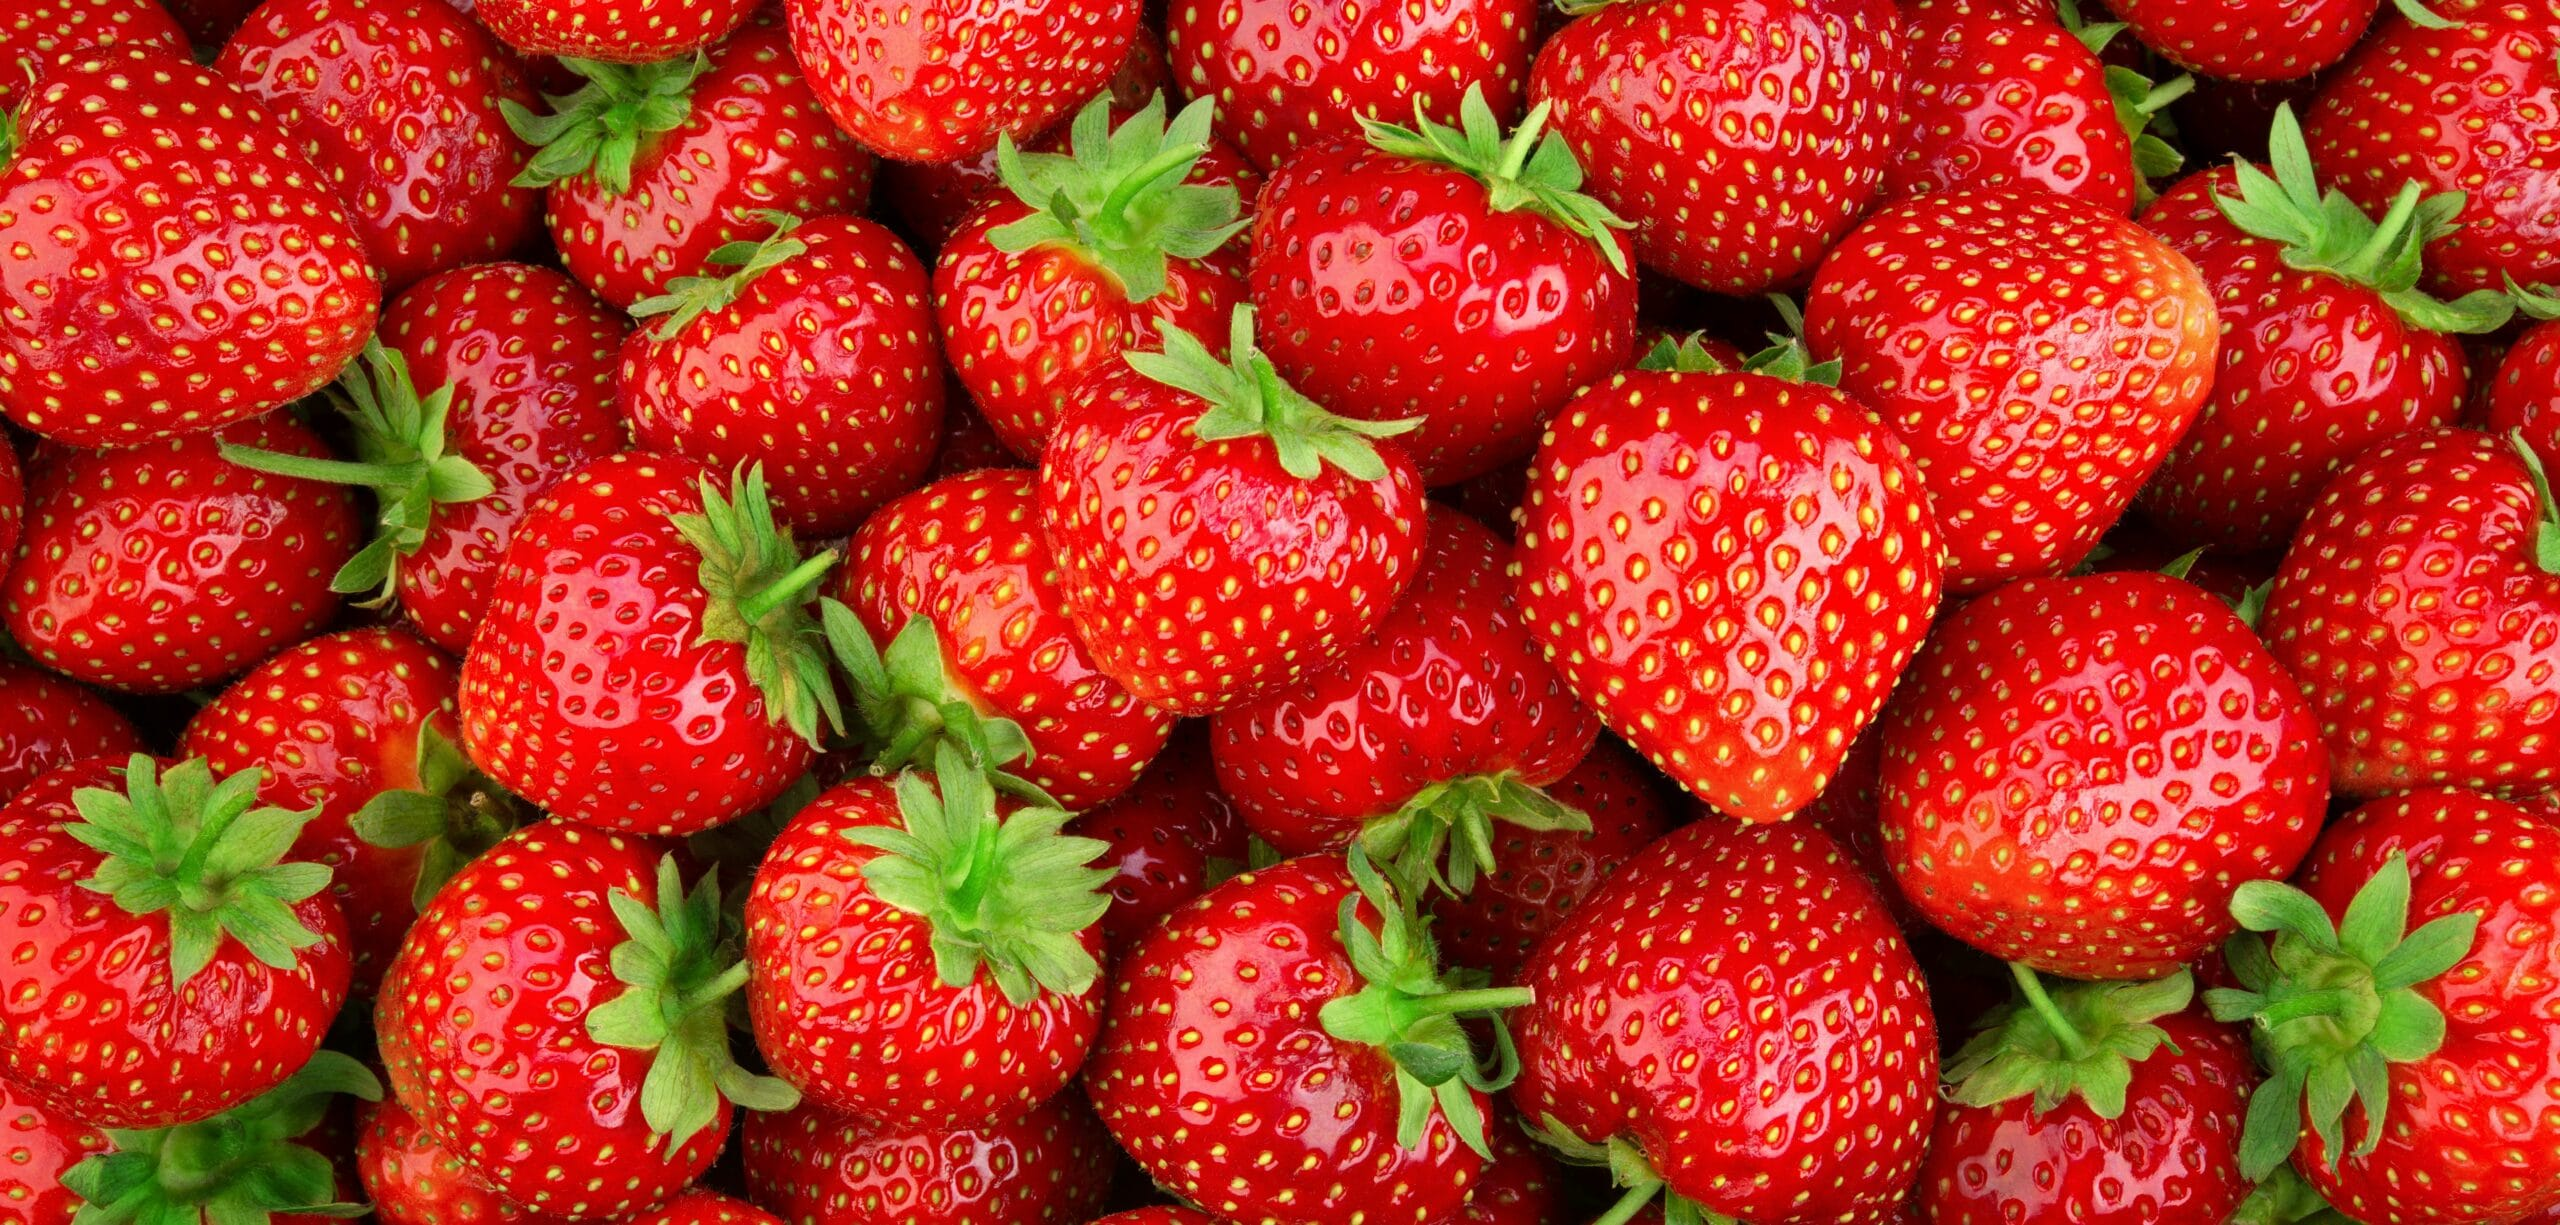 fragole benefici e valori nutrizionali nella dieta